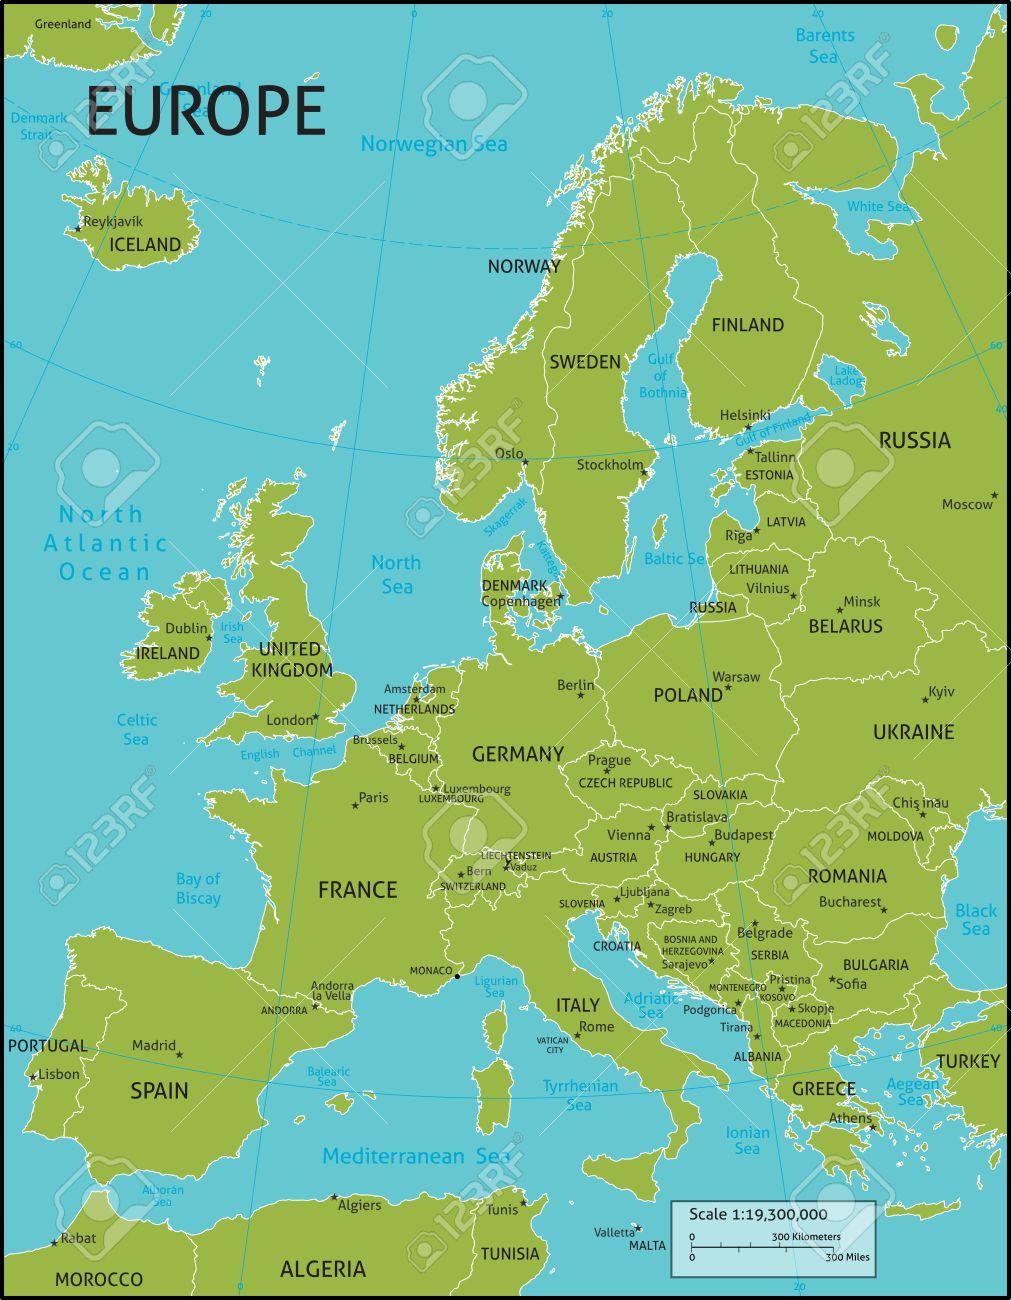 Une Carte De L'europe Avec Tous Les Noms De Pays, Et Les Capitales De Pays.  Organisé Dans La Version De Vecteur Dans Facile D'utiliser Des Couches. intérieur Carte De L Europe Et Capitale